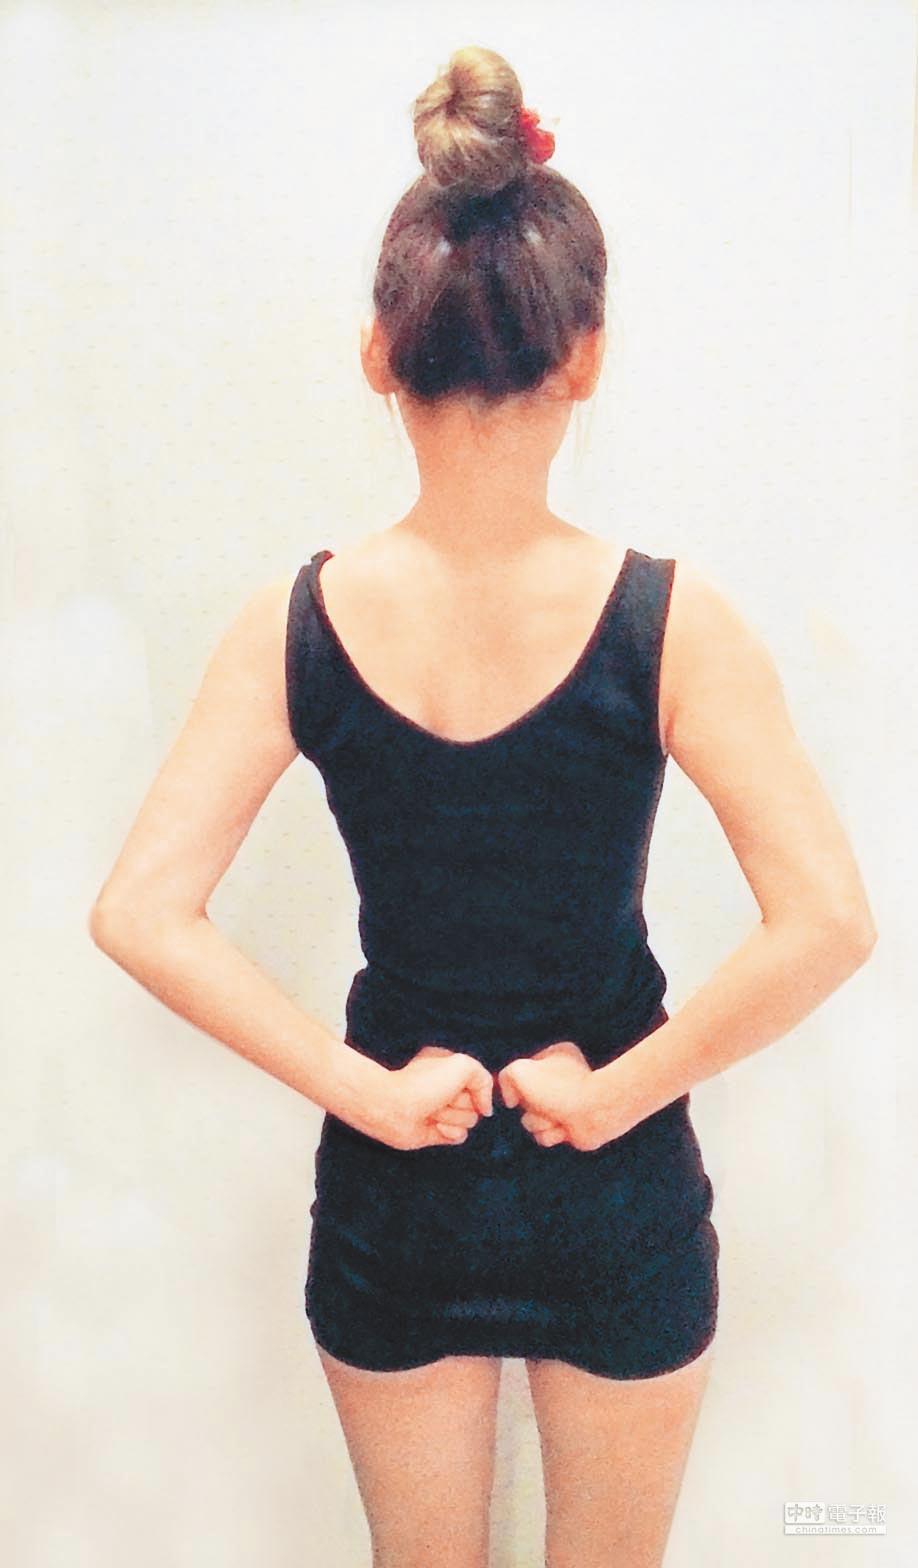 尾骨為脊柱的終末部分,此處神經分布敏感,且易於受傷。(本報系資料照片)